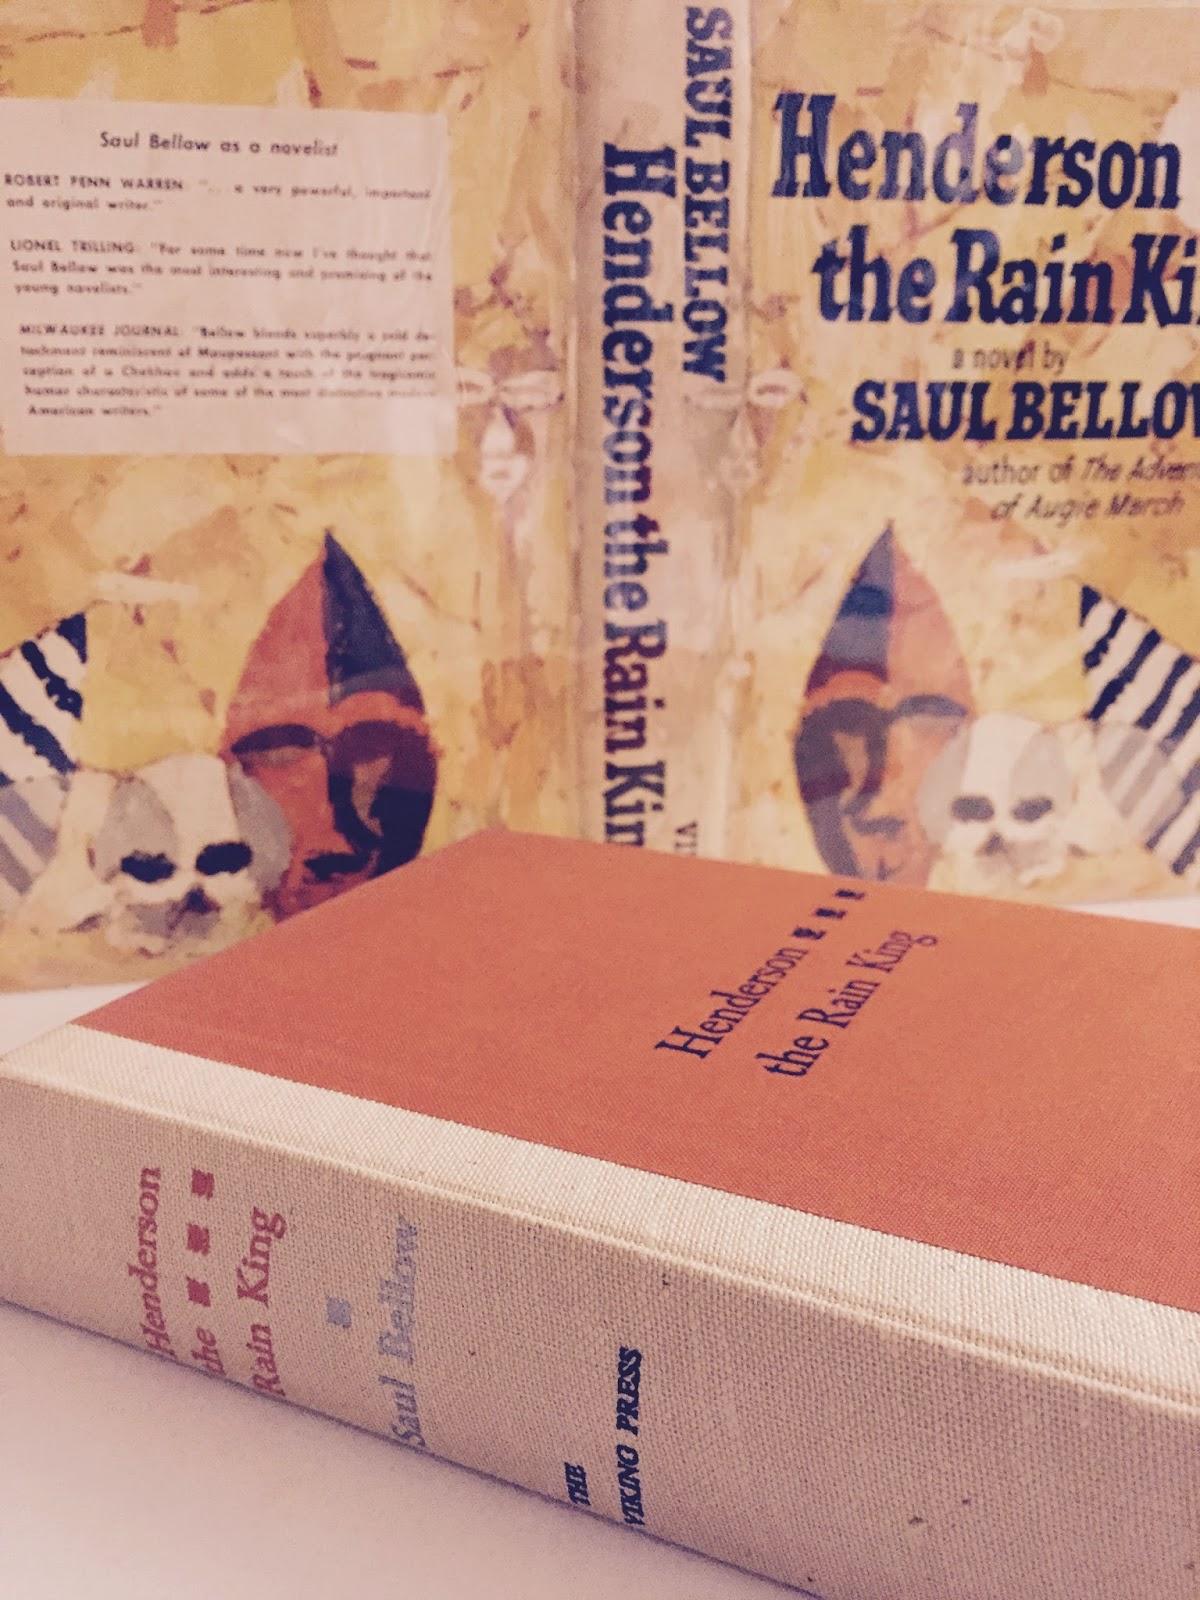 Henderson The Rain King Bookporn Club